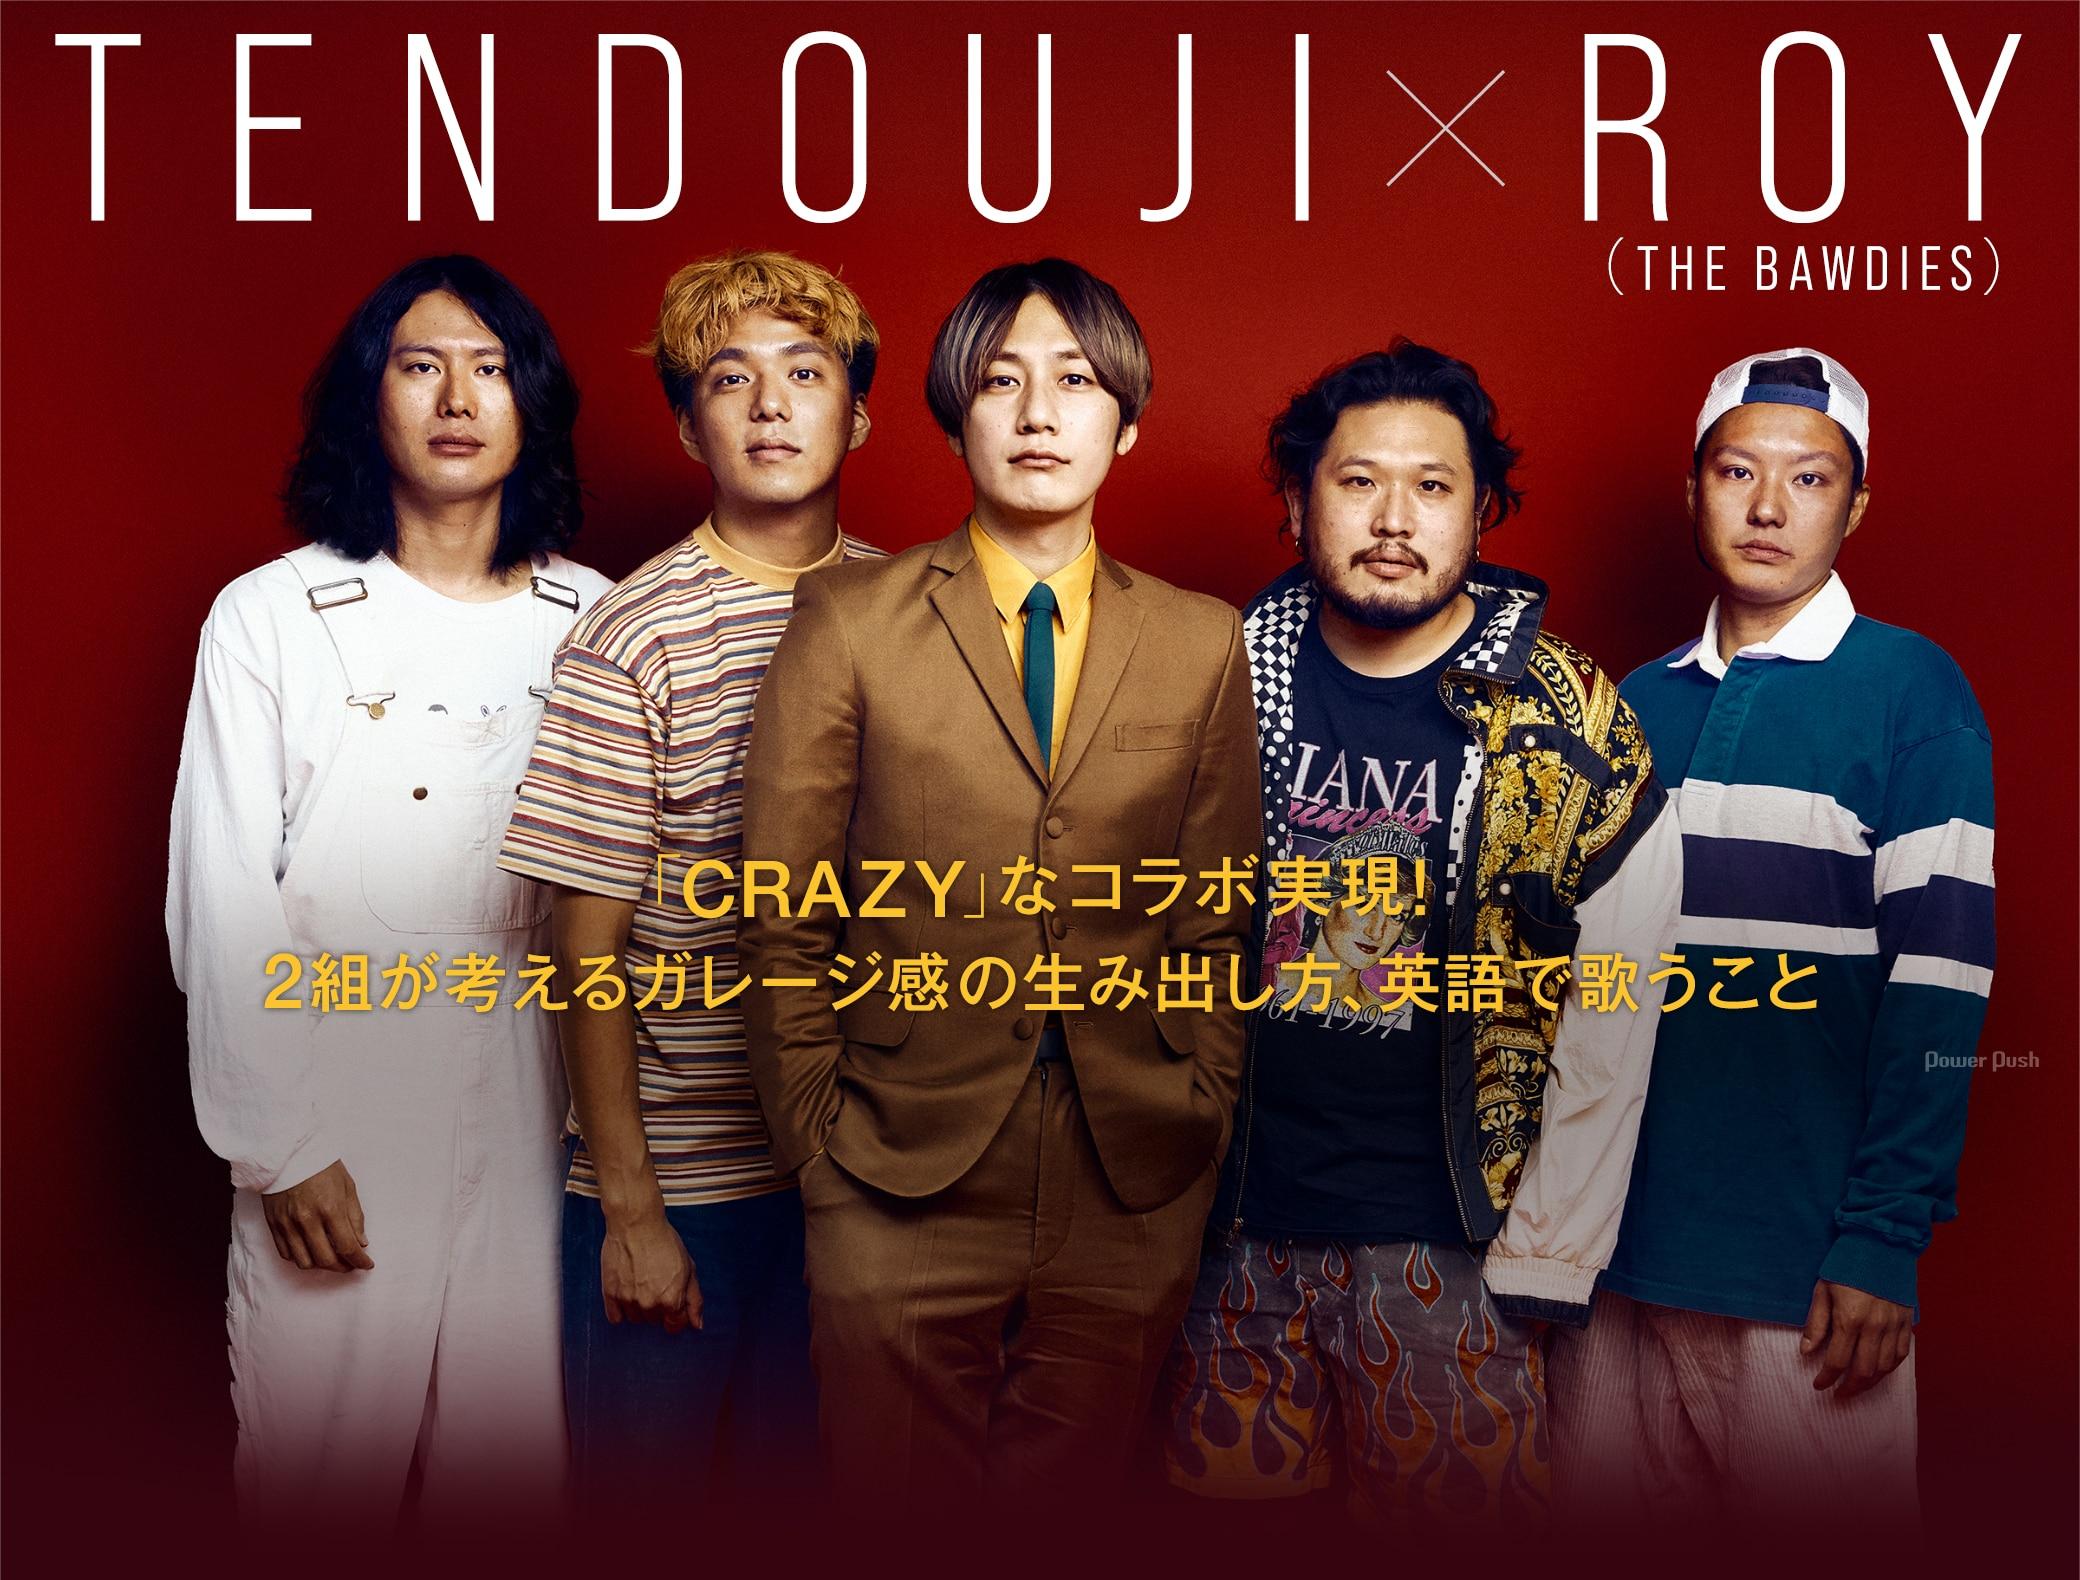 TENDOUJI×ROY(THE BAWDIES)|「CRAZY」なコラボ実現!2組が考えるガレージ感の生み出し方、英語で歌うこと